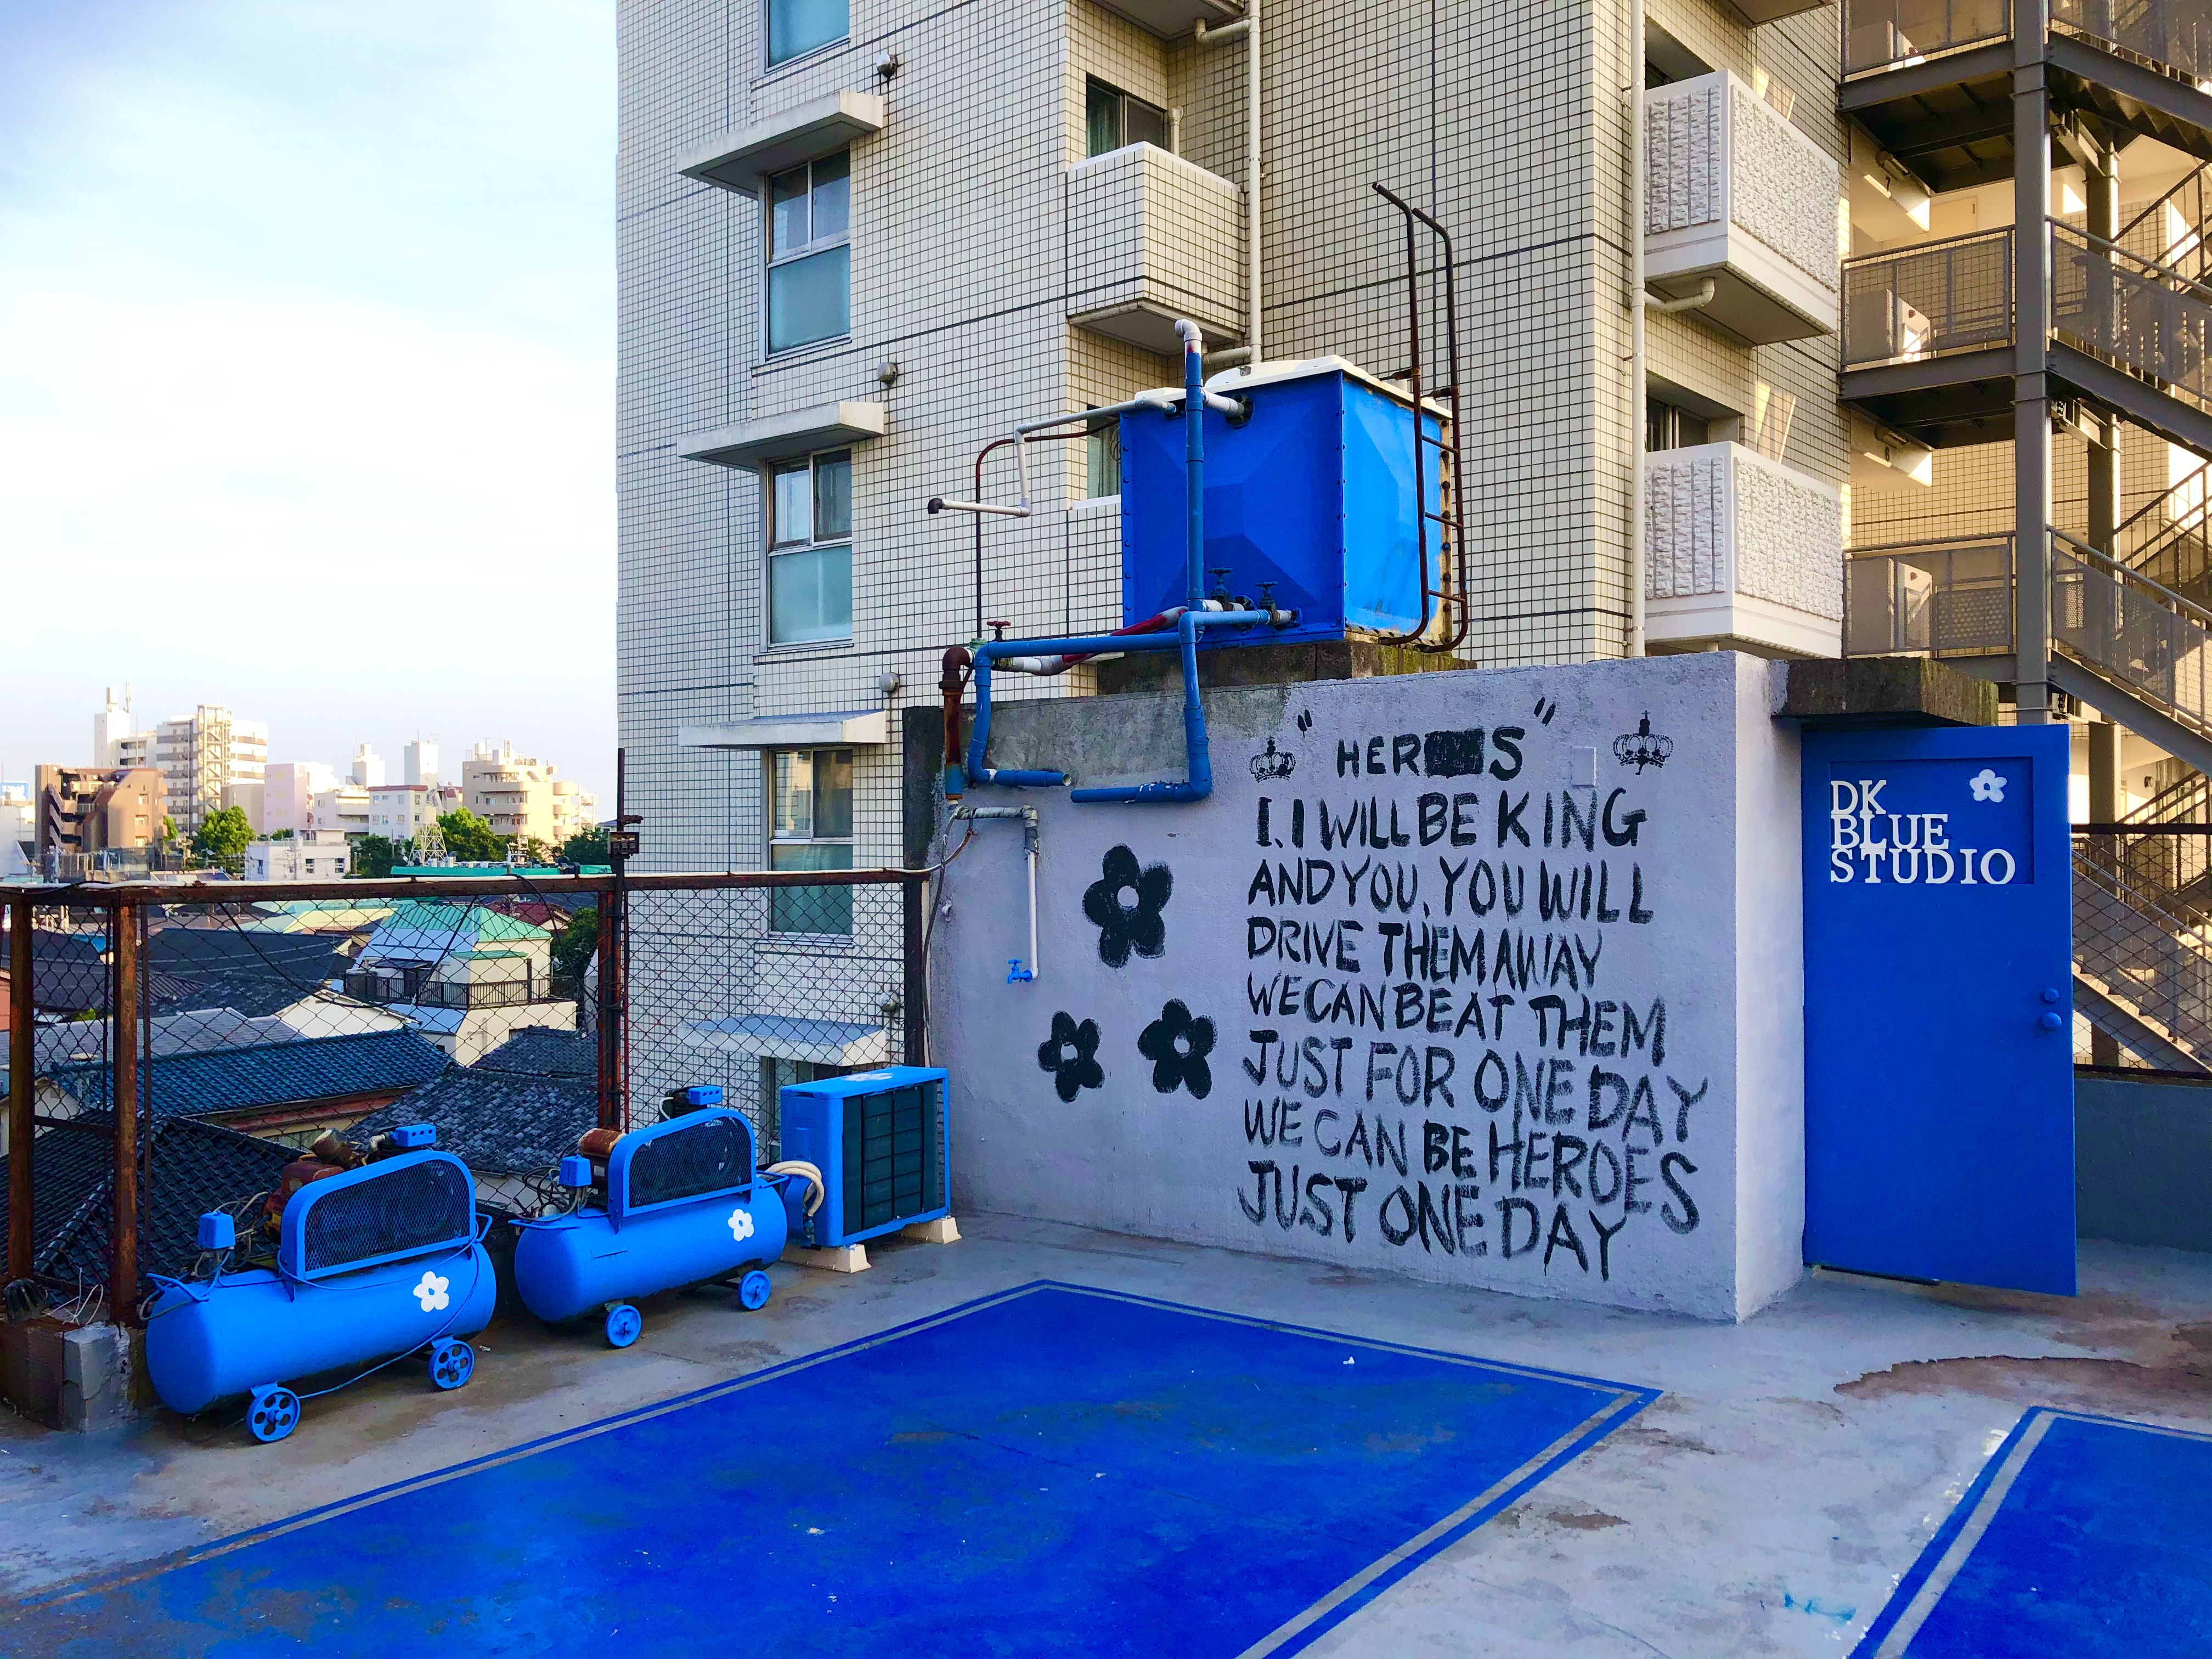 注意:屋上スペースに水道はありません。トイレ、フィッティング、手洗場は3Fへ。 - DK BLUESTUDIO 屋上スタジオの室内の写真